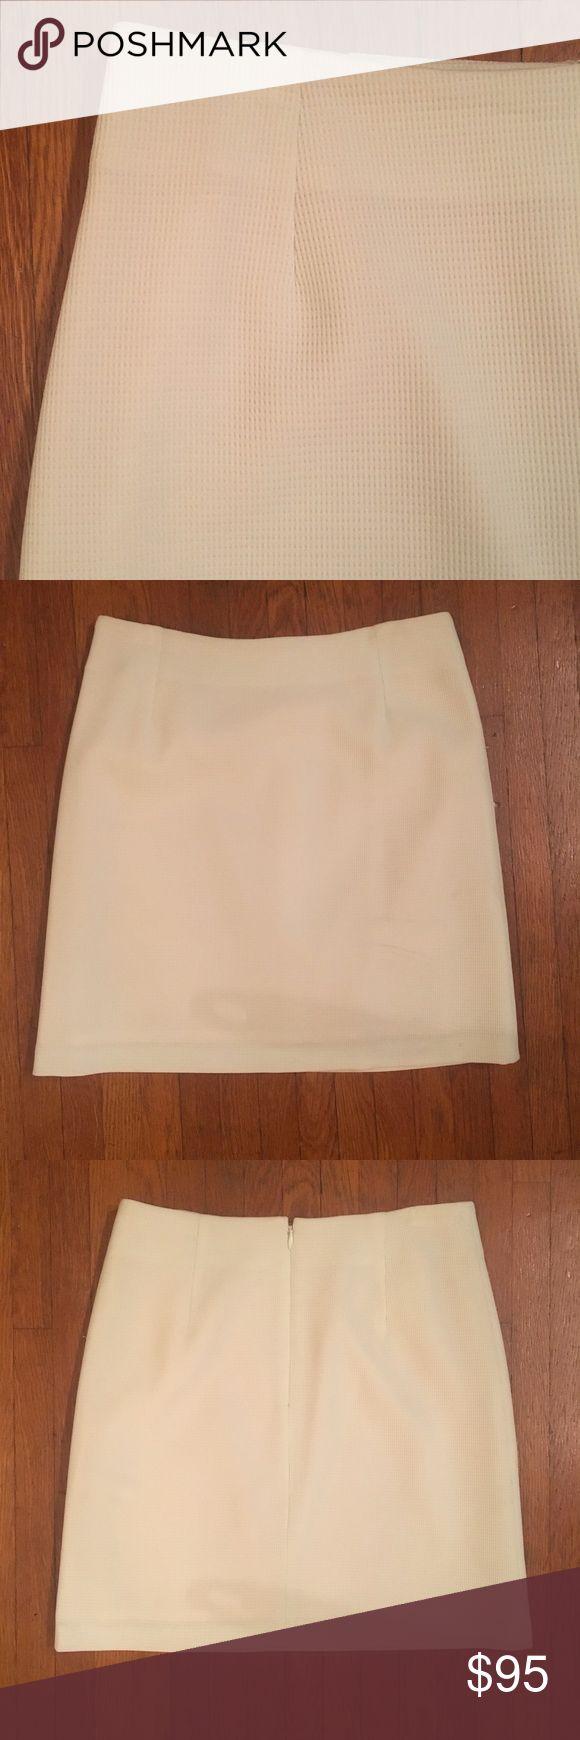 Spectacular Mint green pencil skirt